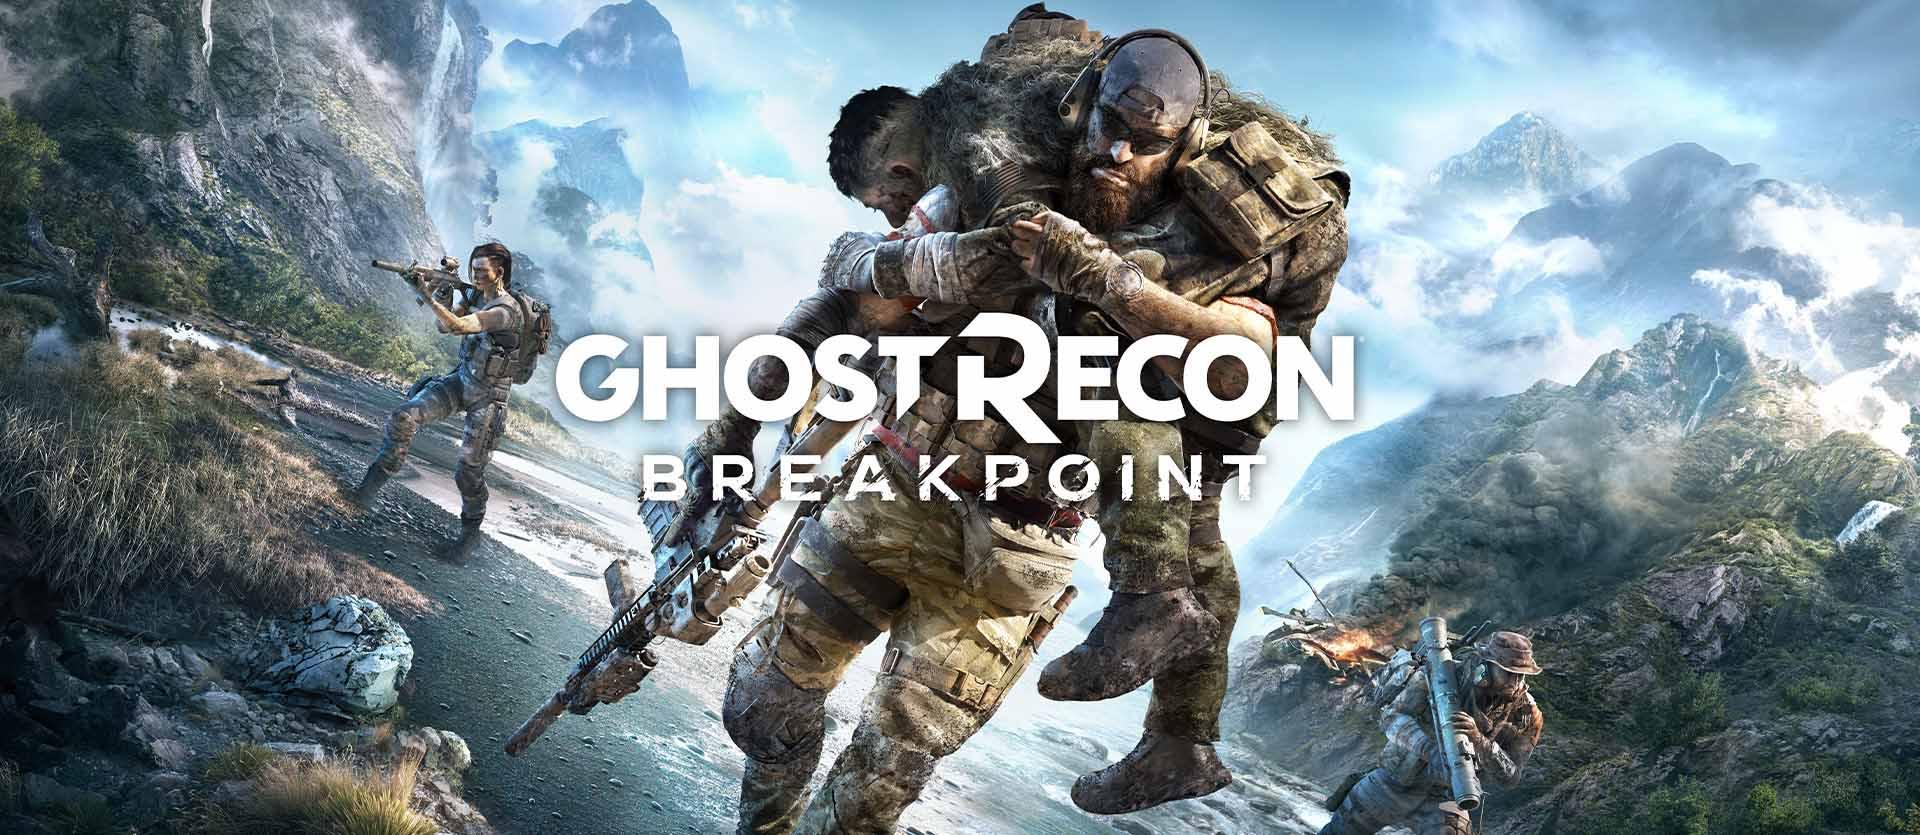 Ghost Recon Breakpoint recibe su actualización 1.0.3 con una importante novedad 4